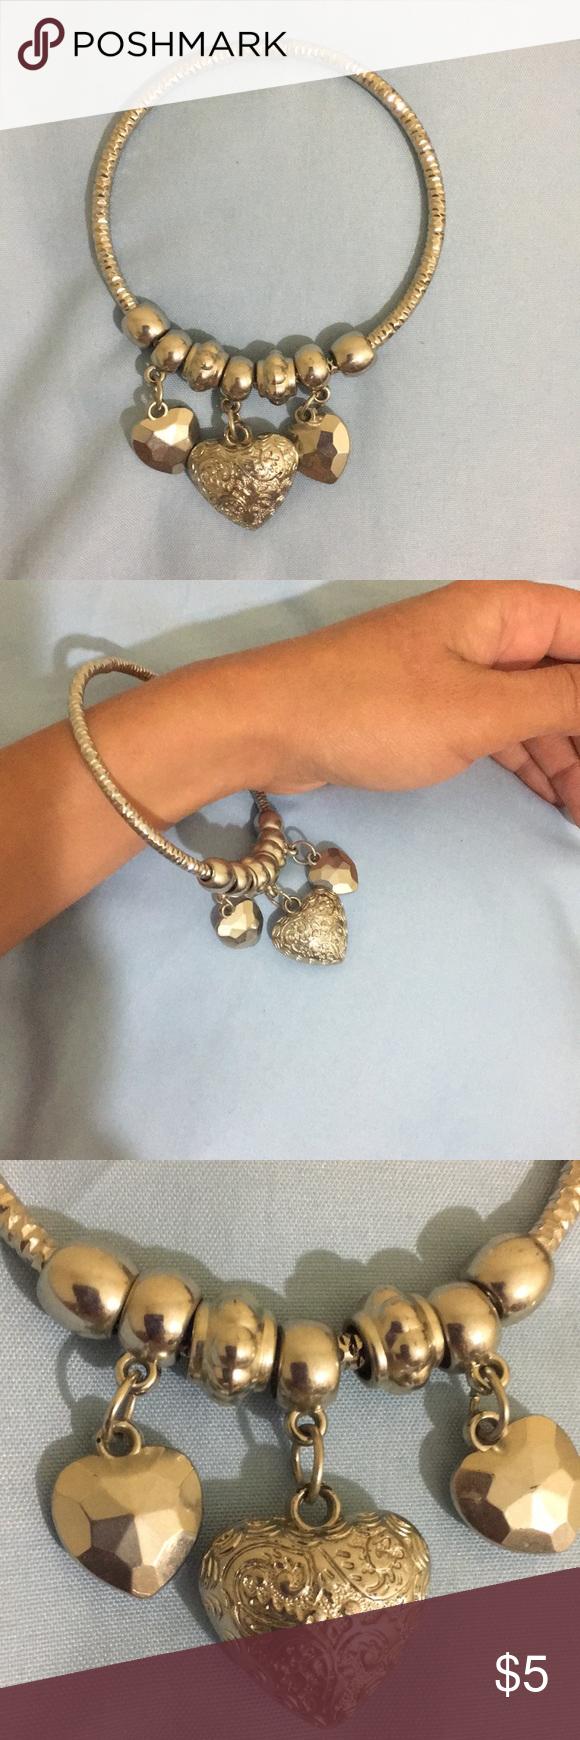 Heart bracelet friend jewelry girls night and jewelry bracelets